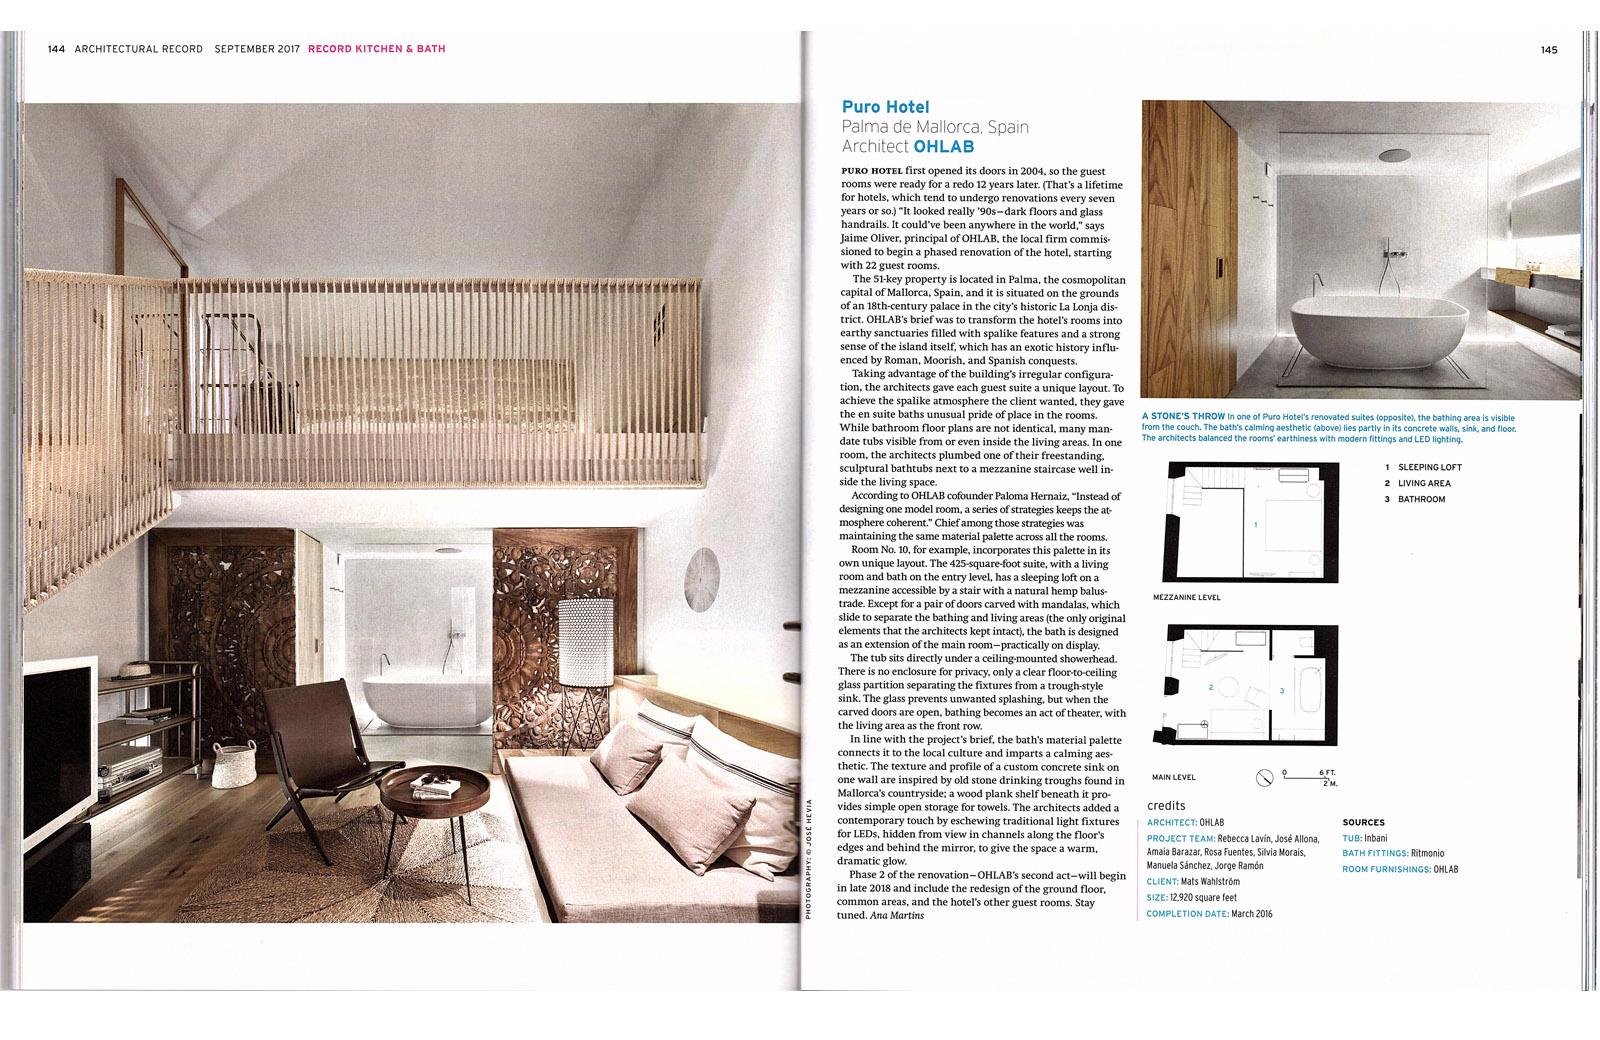 architectural-record_hotel-puro_01